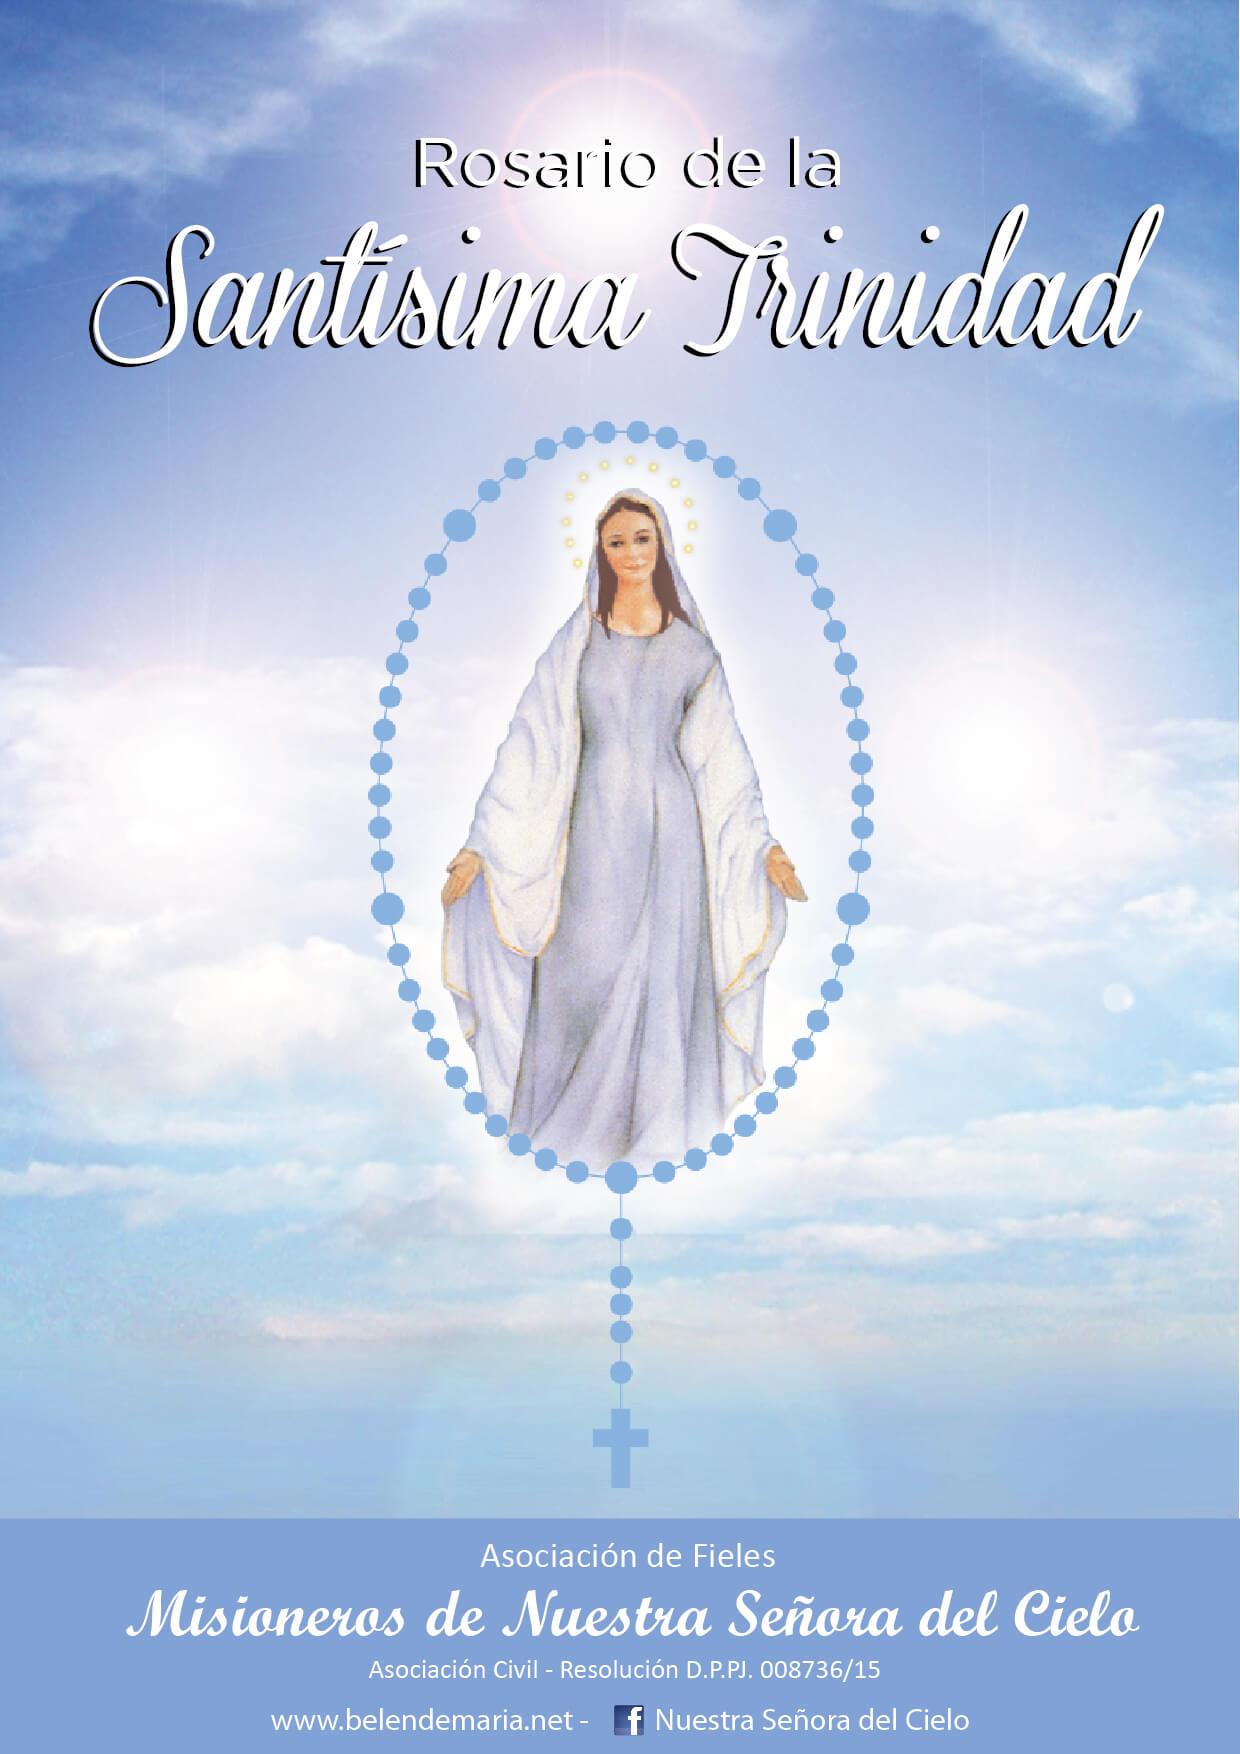 Rosario de la Santísima Trinidad